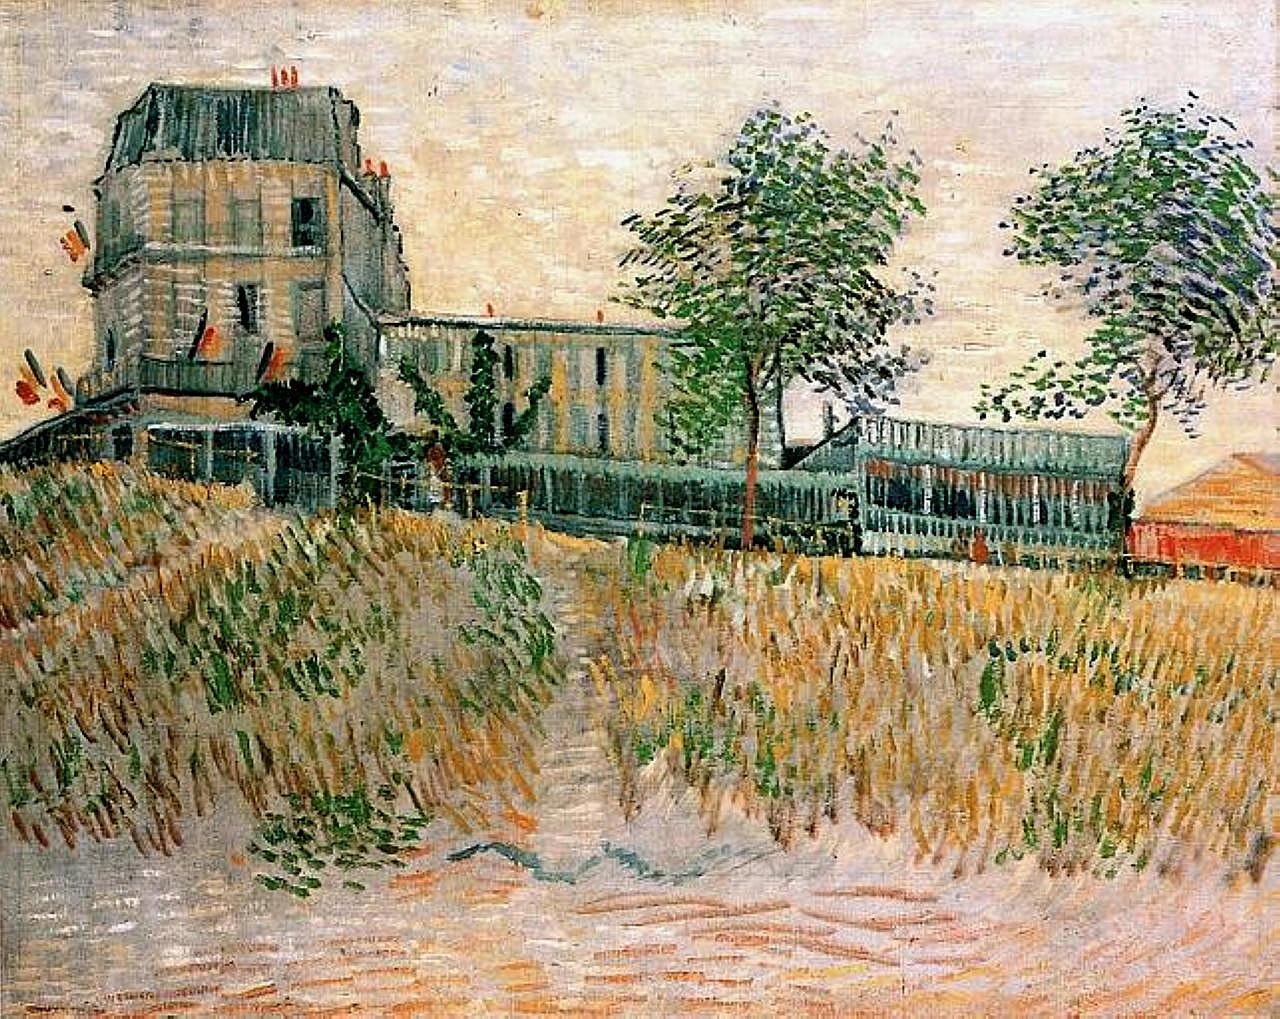 41 Van Gogh the-restaurant-de-la-sirene-at-asnieres-1887